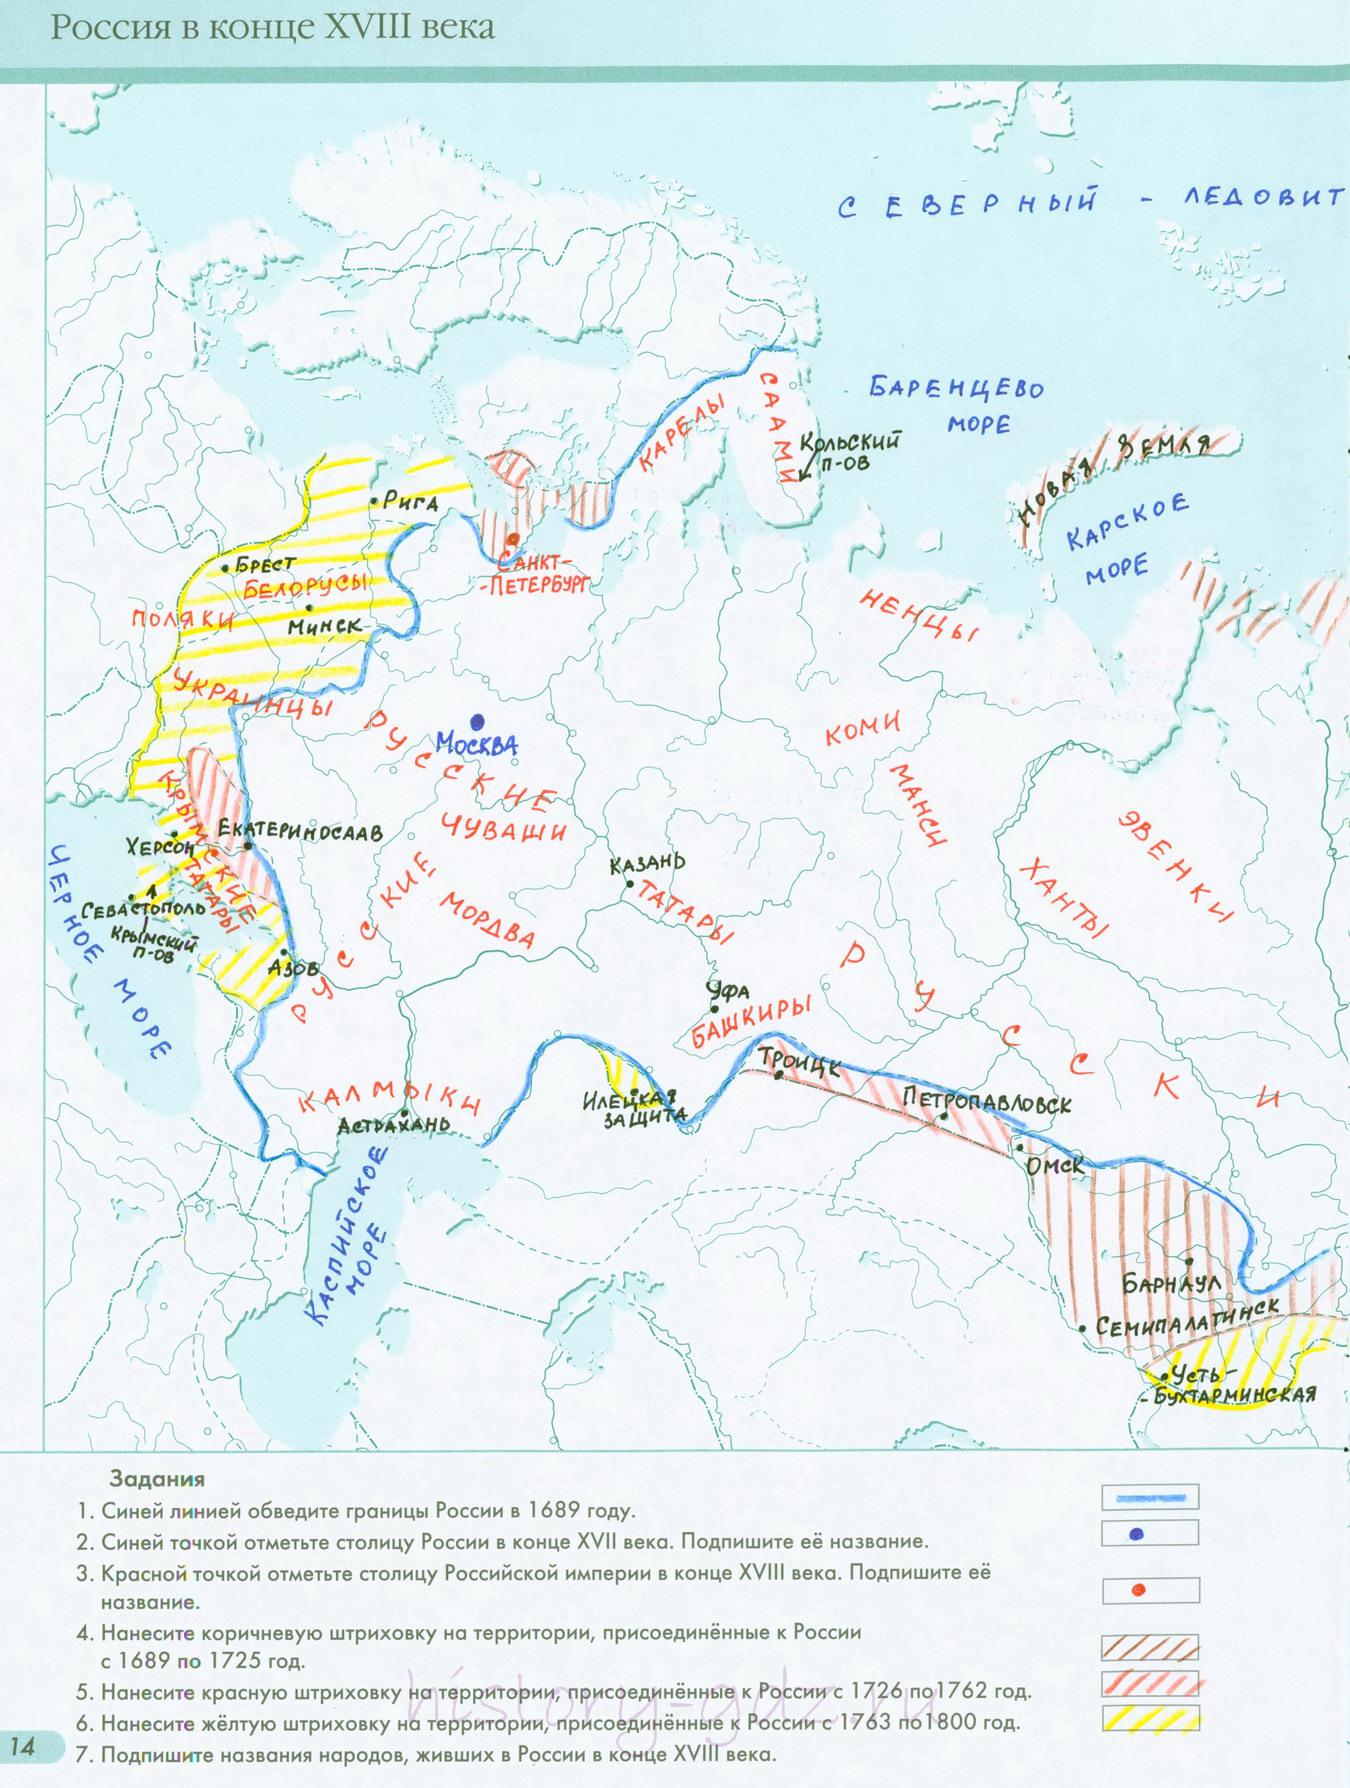 Гдз по истории 7 класс контурные карты история россии аст пресс